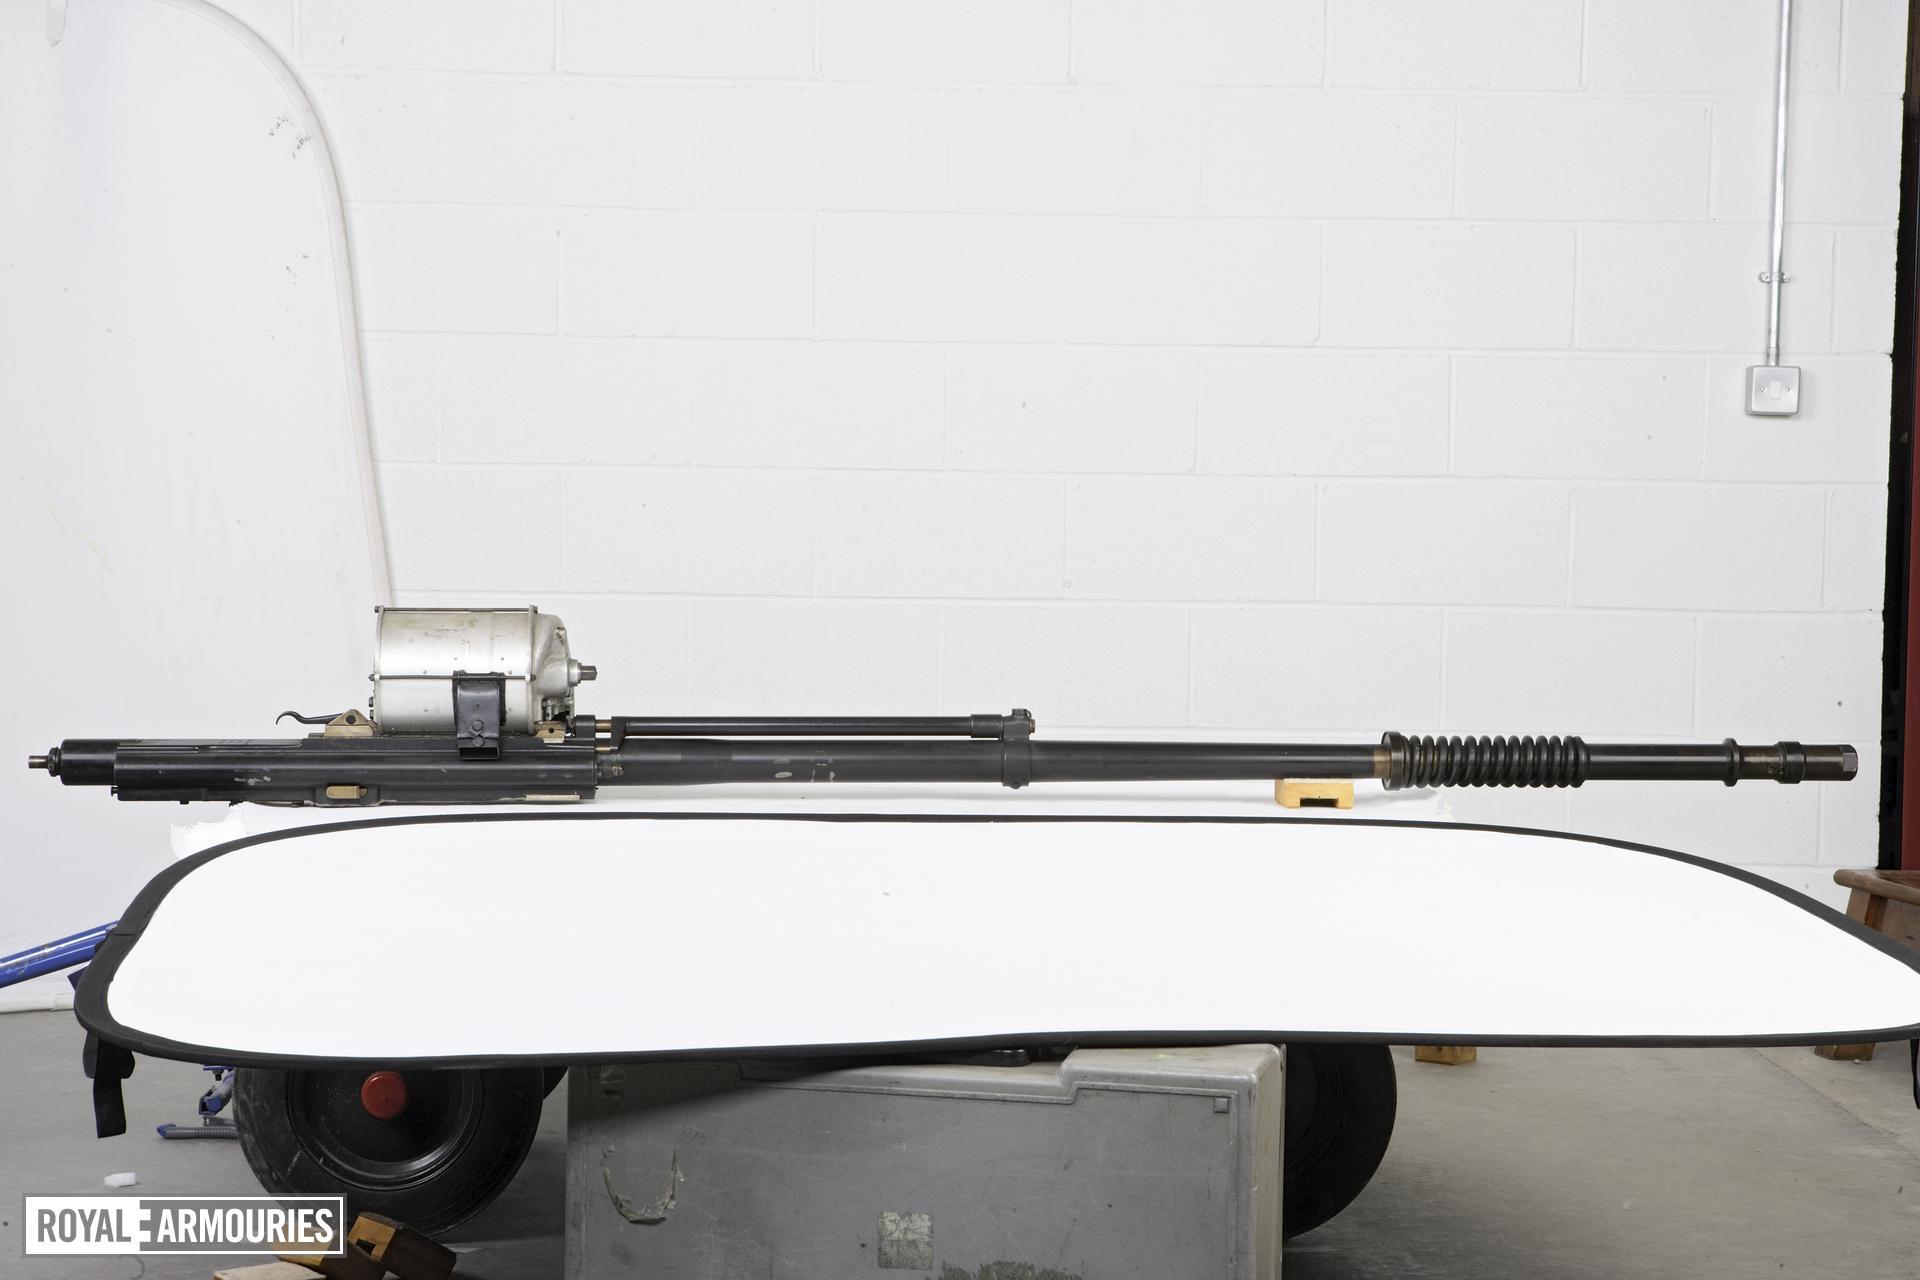 Centrefire automatic cannon - Hispano Mk.I